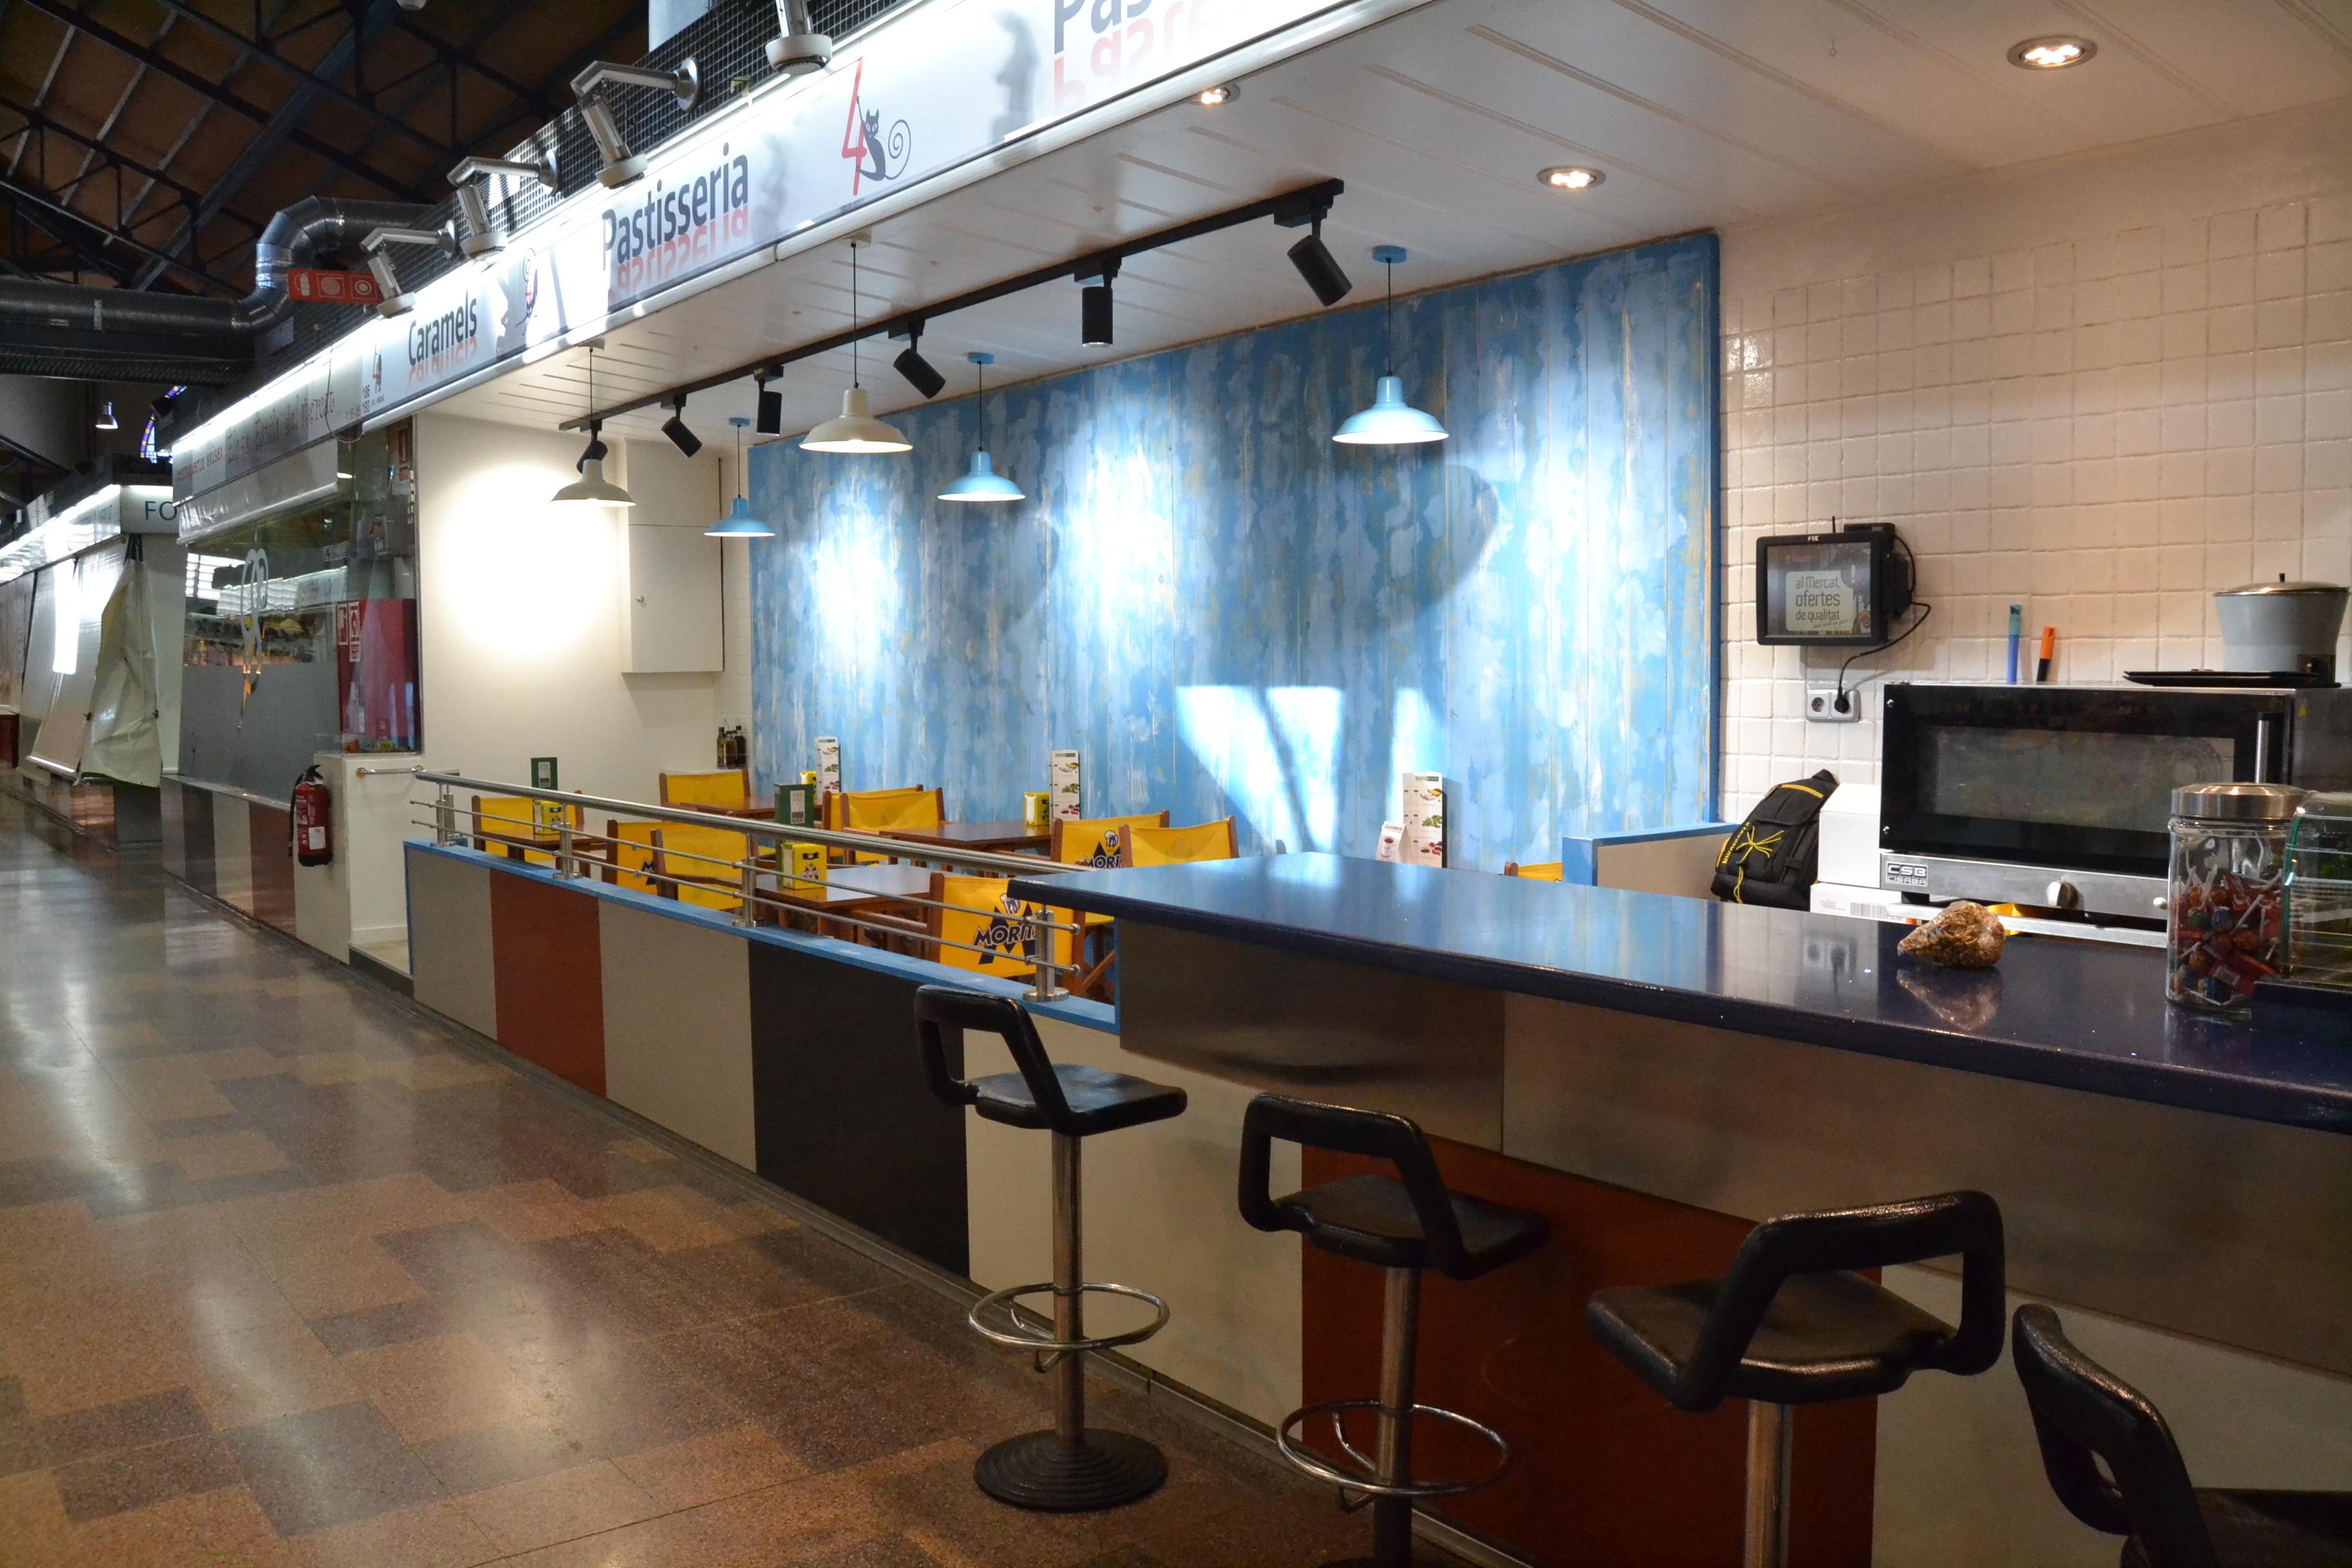 Reforma bar parada mercado central sabadell6